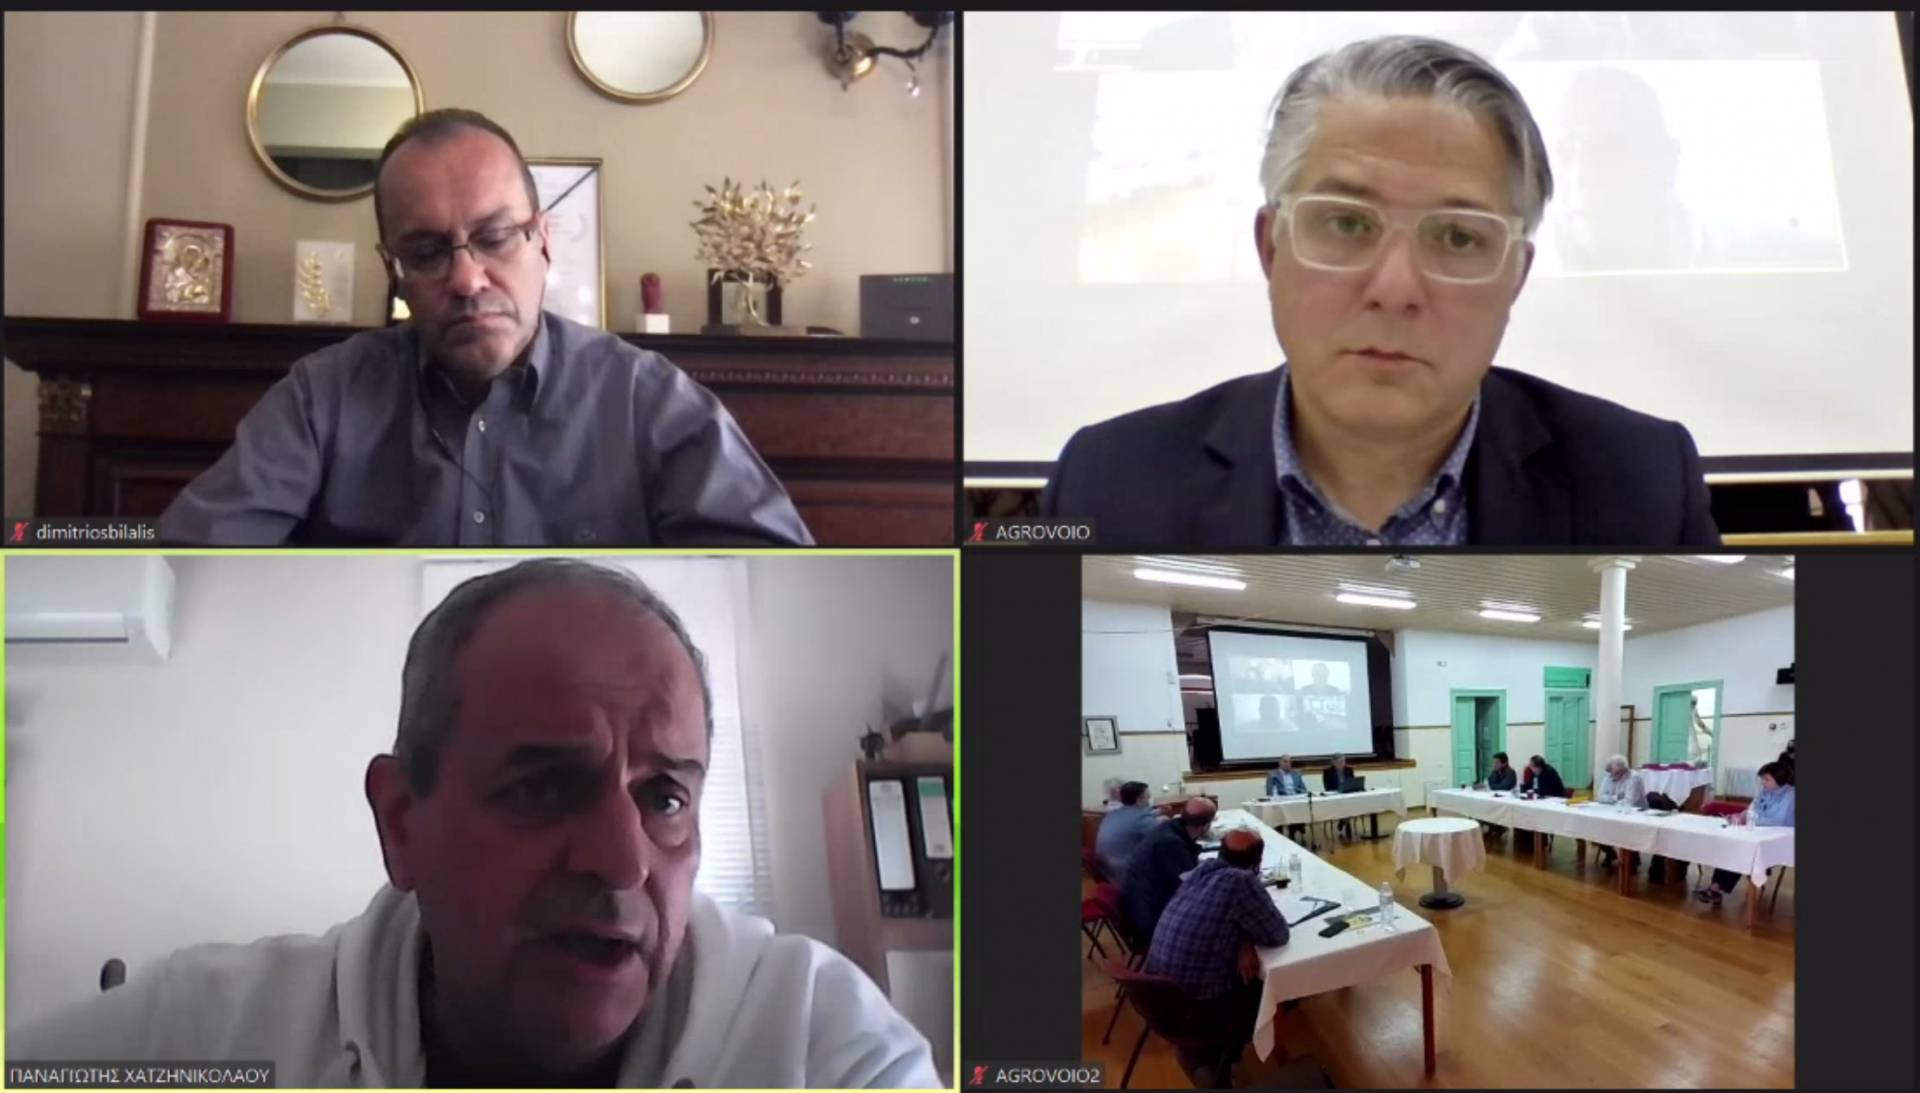 """Δήμος Βοΐου: Σύσκεψη στο Δήμο Βοΐου για το project """"AGROVOIO"""""""